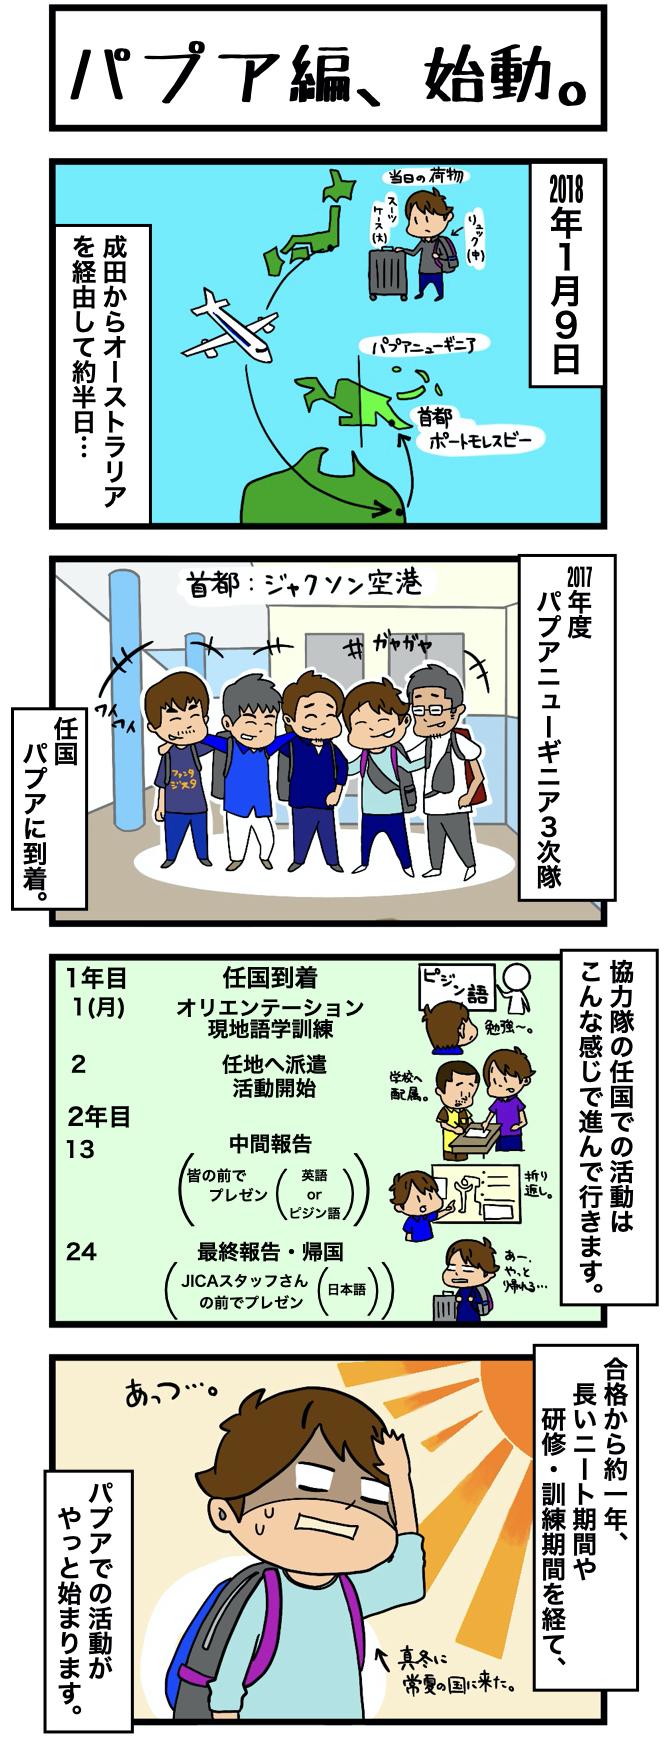 パプア マンガ23 パプア編、始動(修正版)